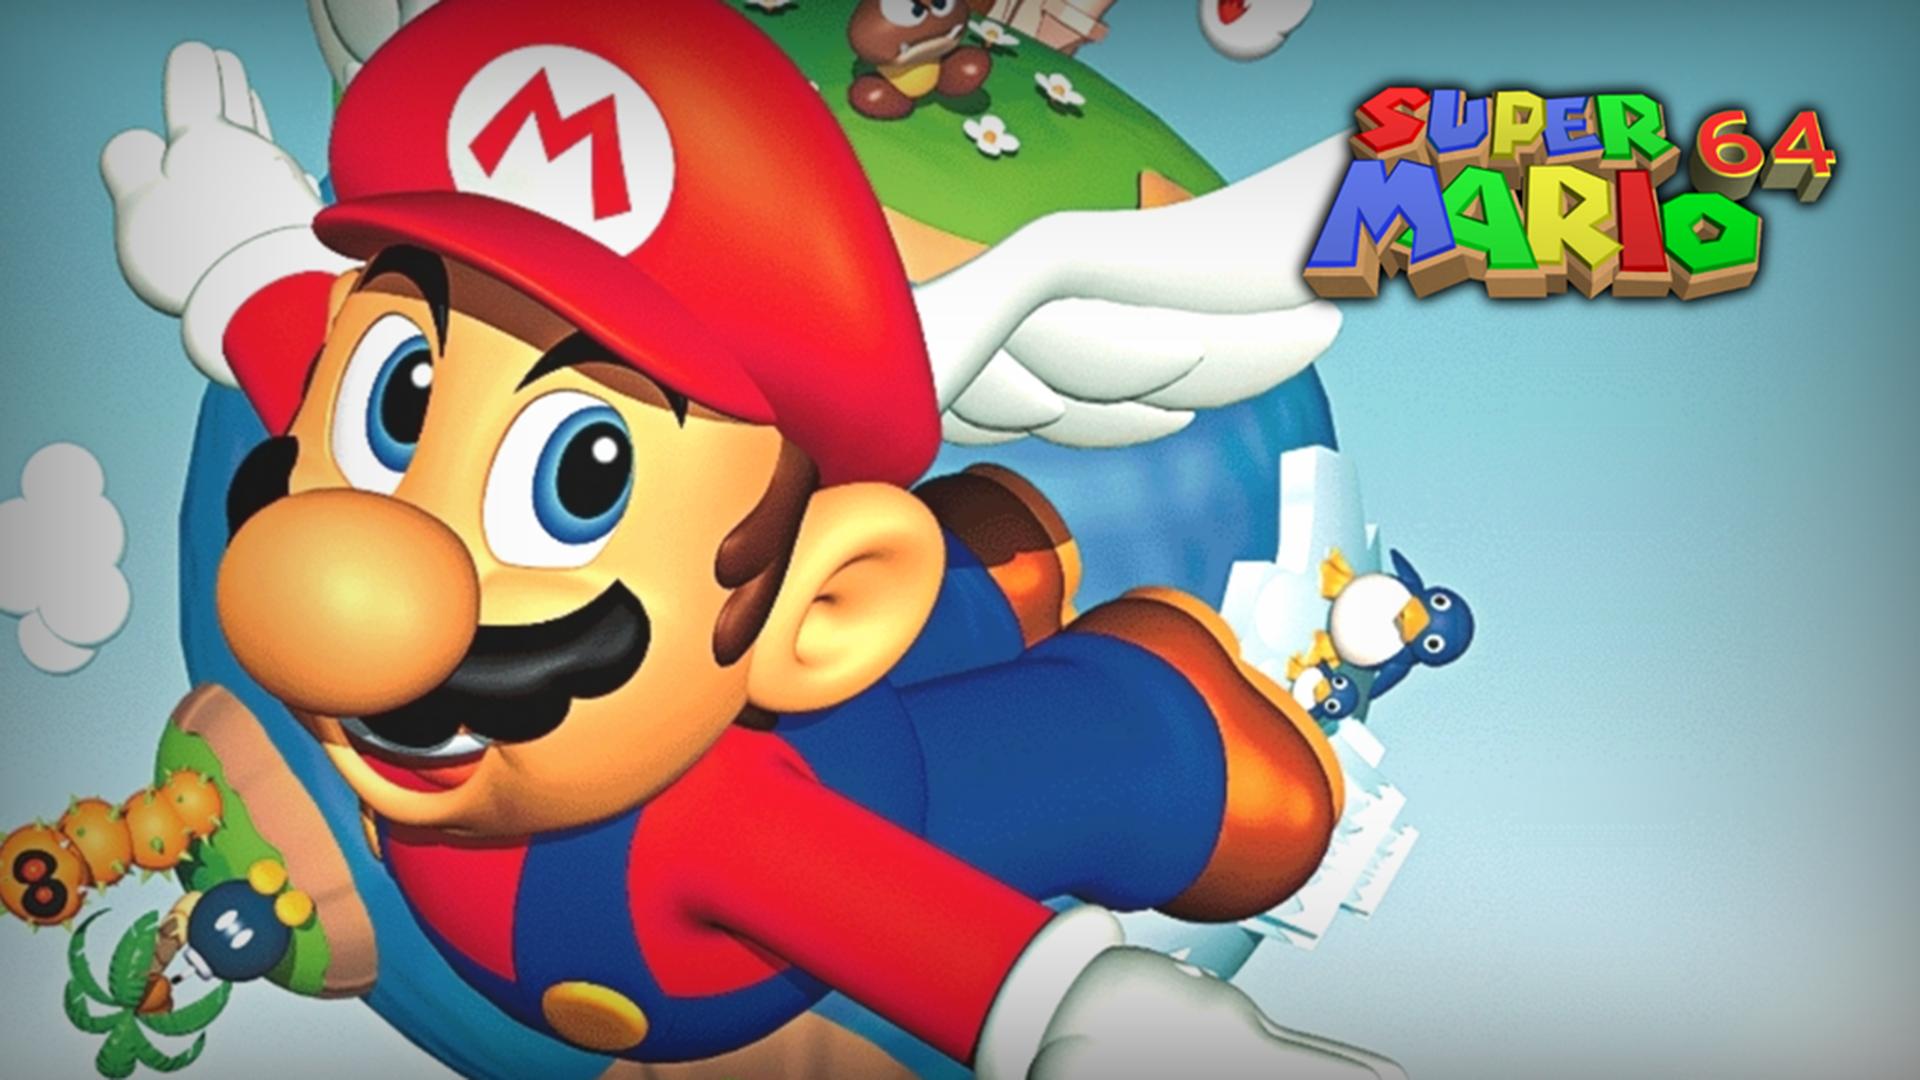 New Super Mario 64 Pc Mods Add Retro Hd Models Fix Mario S Hd Model Head Glitch